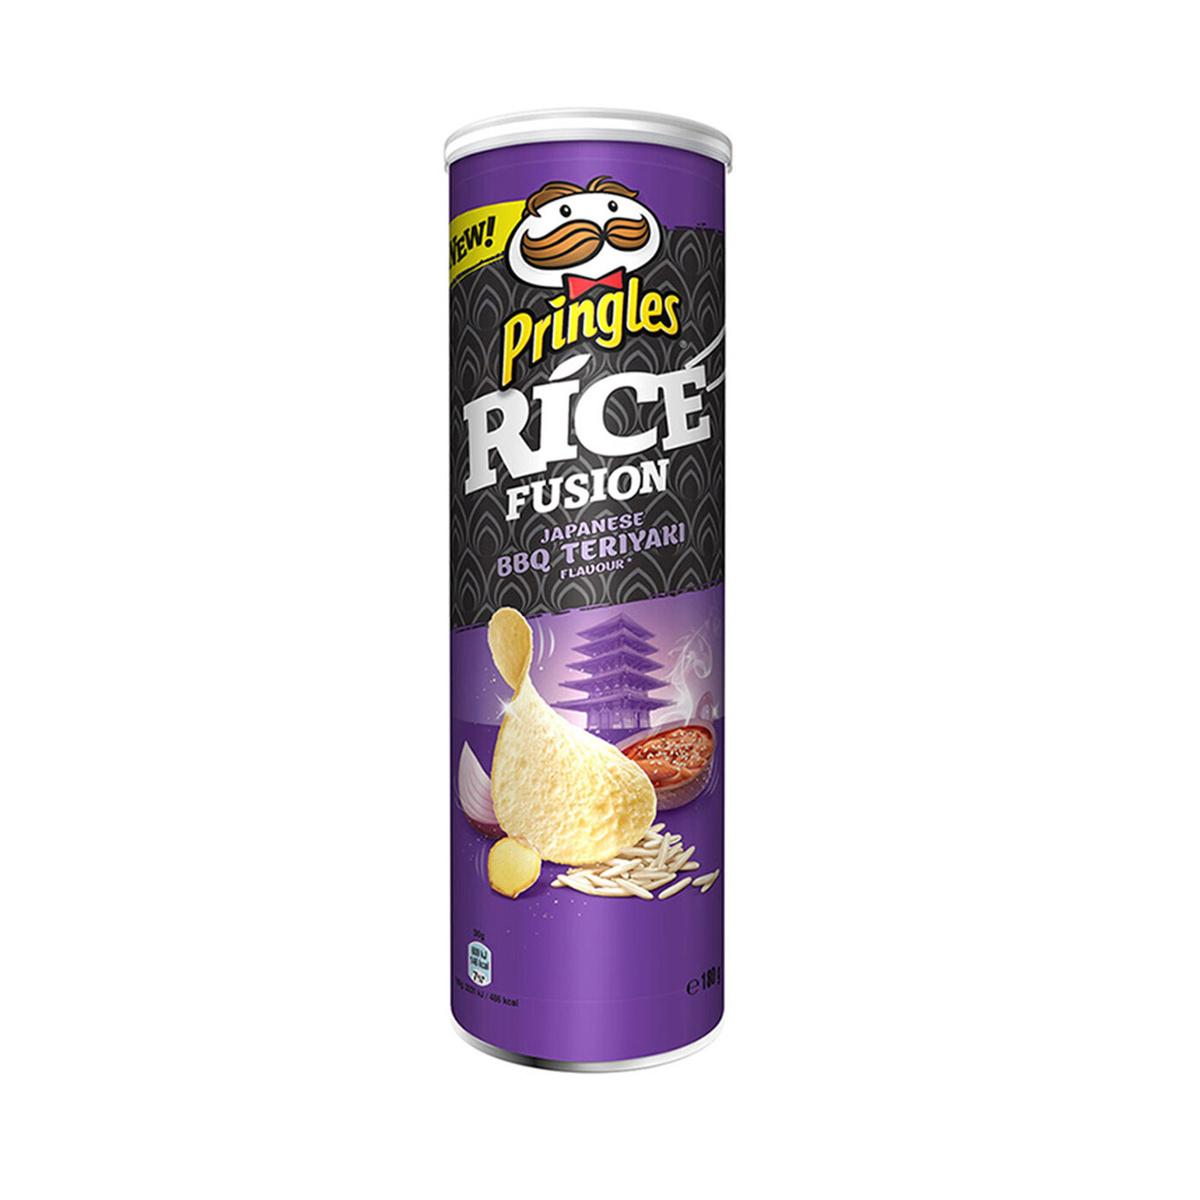 Чипсы рисовые Принглс (Pringles) Rice 160г Японское барбекю и терияки, Бельгия  #1